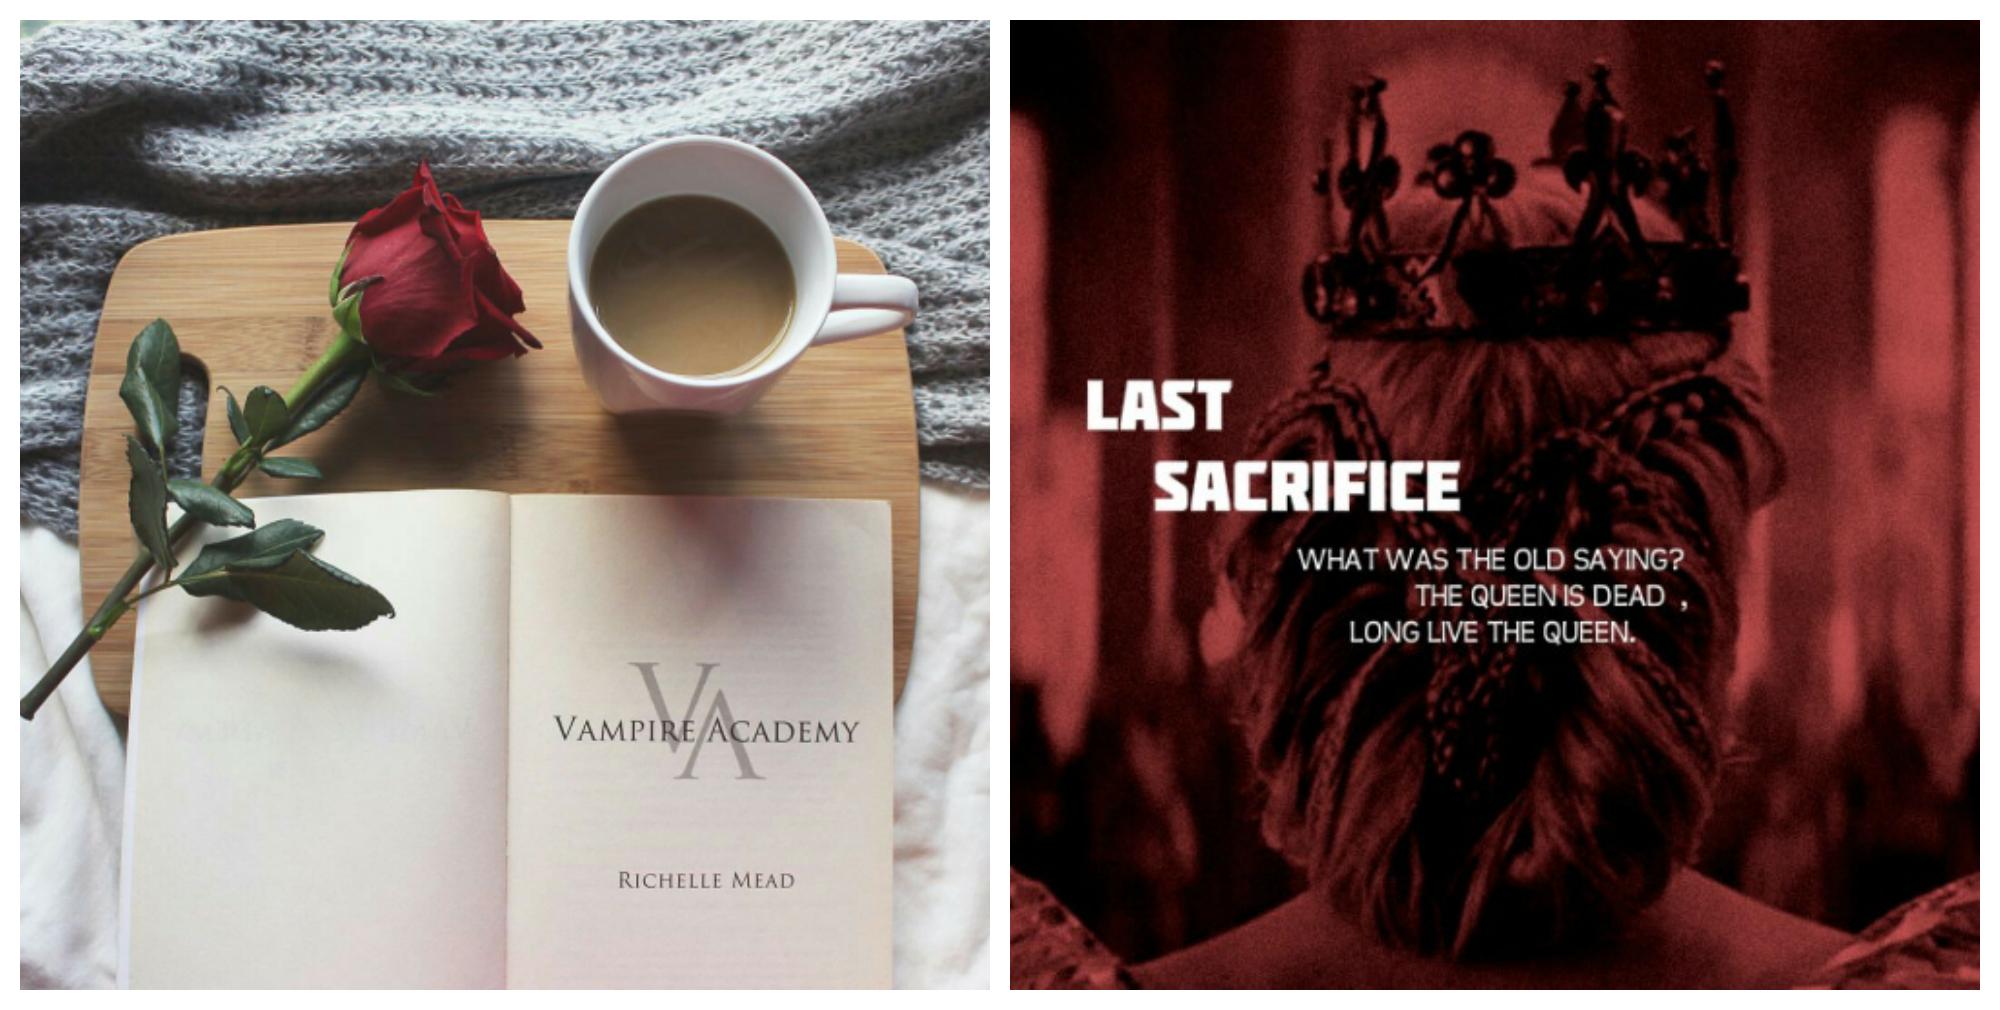 Читать книги онлайн туман год волка франциска вудворт